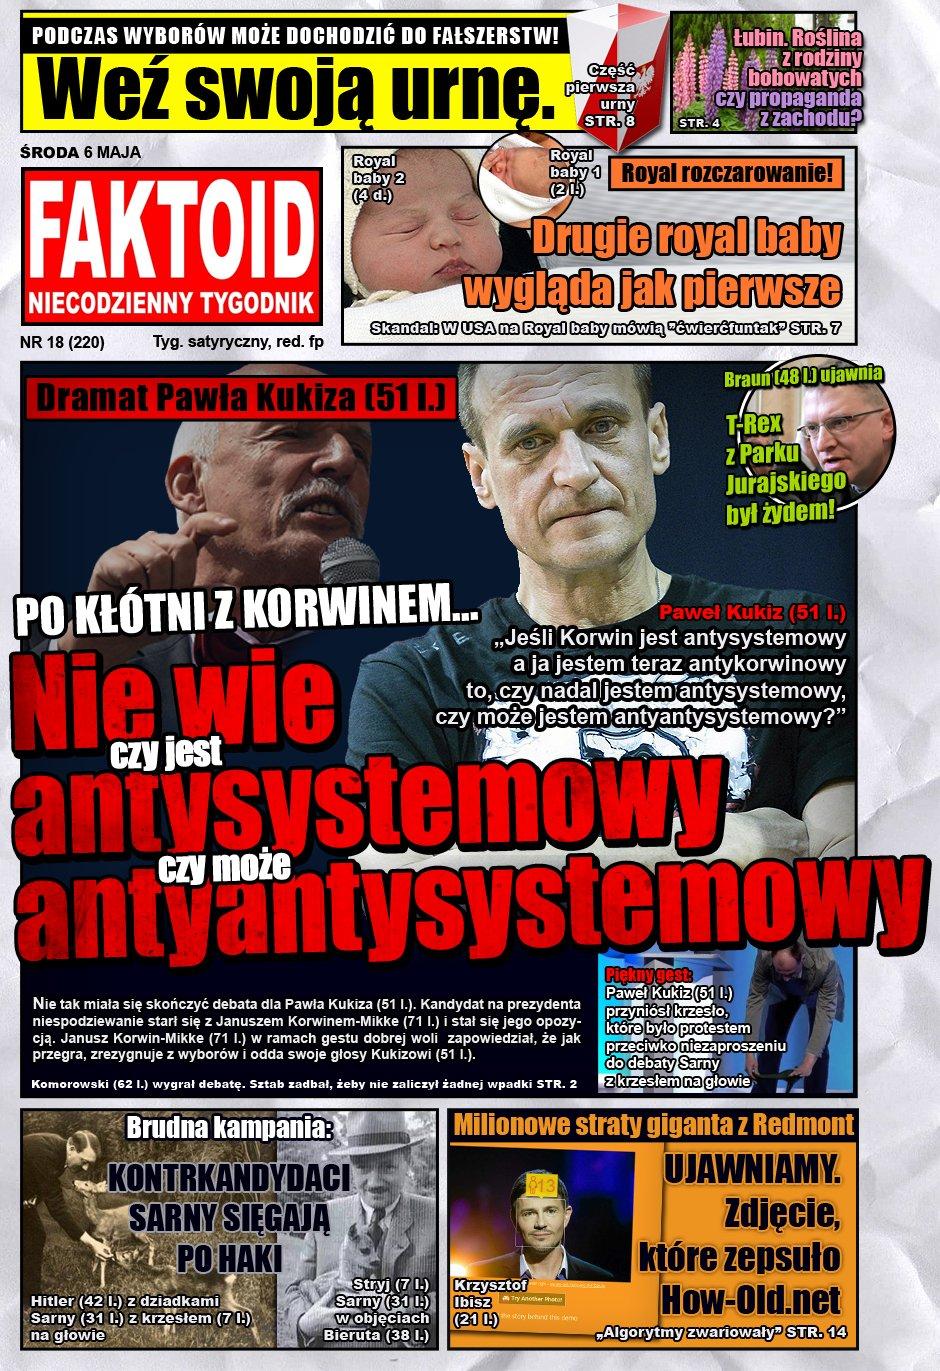 Faktoid: Kukiz nie wie czy jest antysystemowy - Faktoid